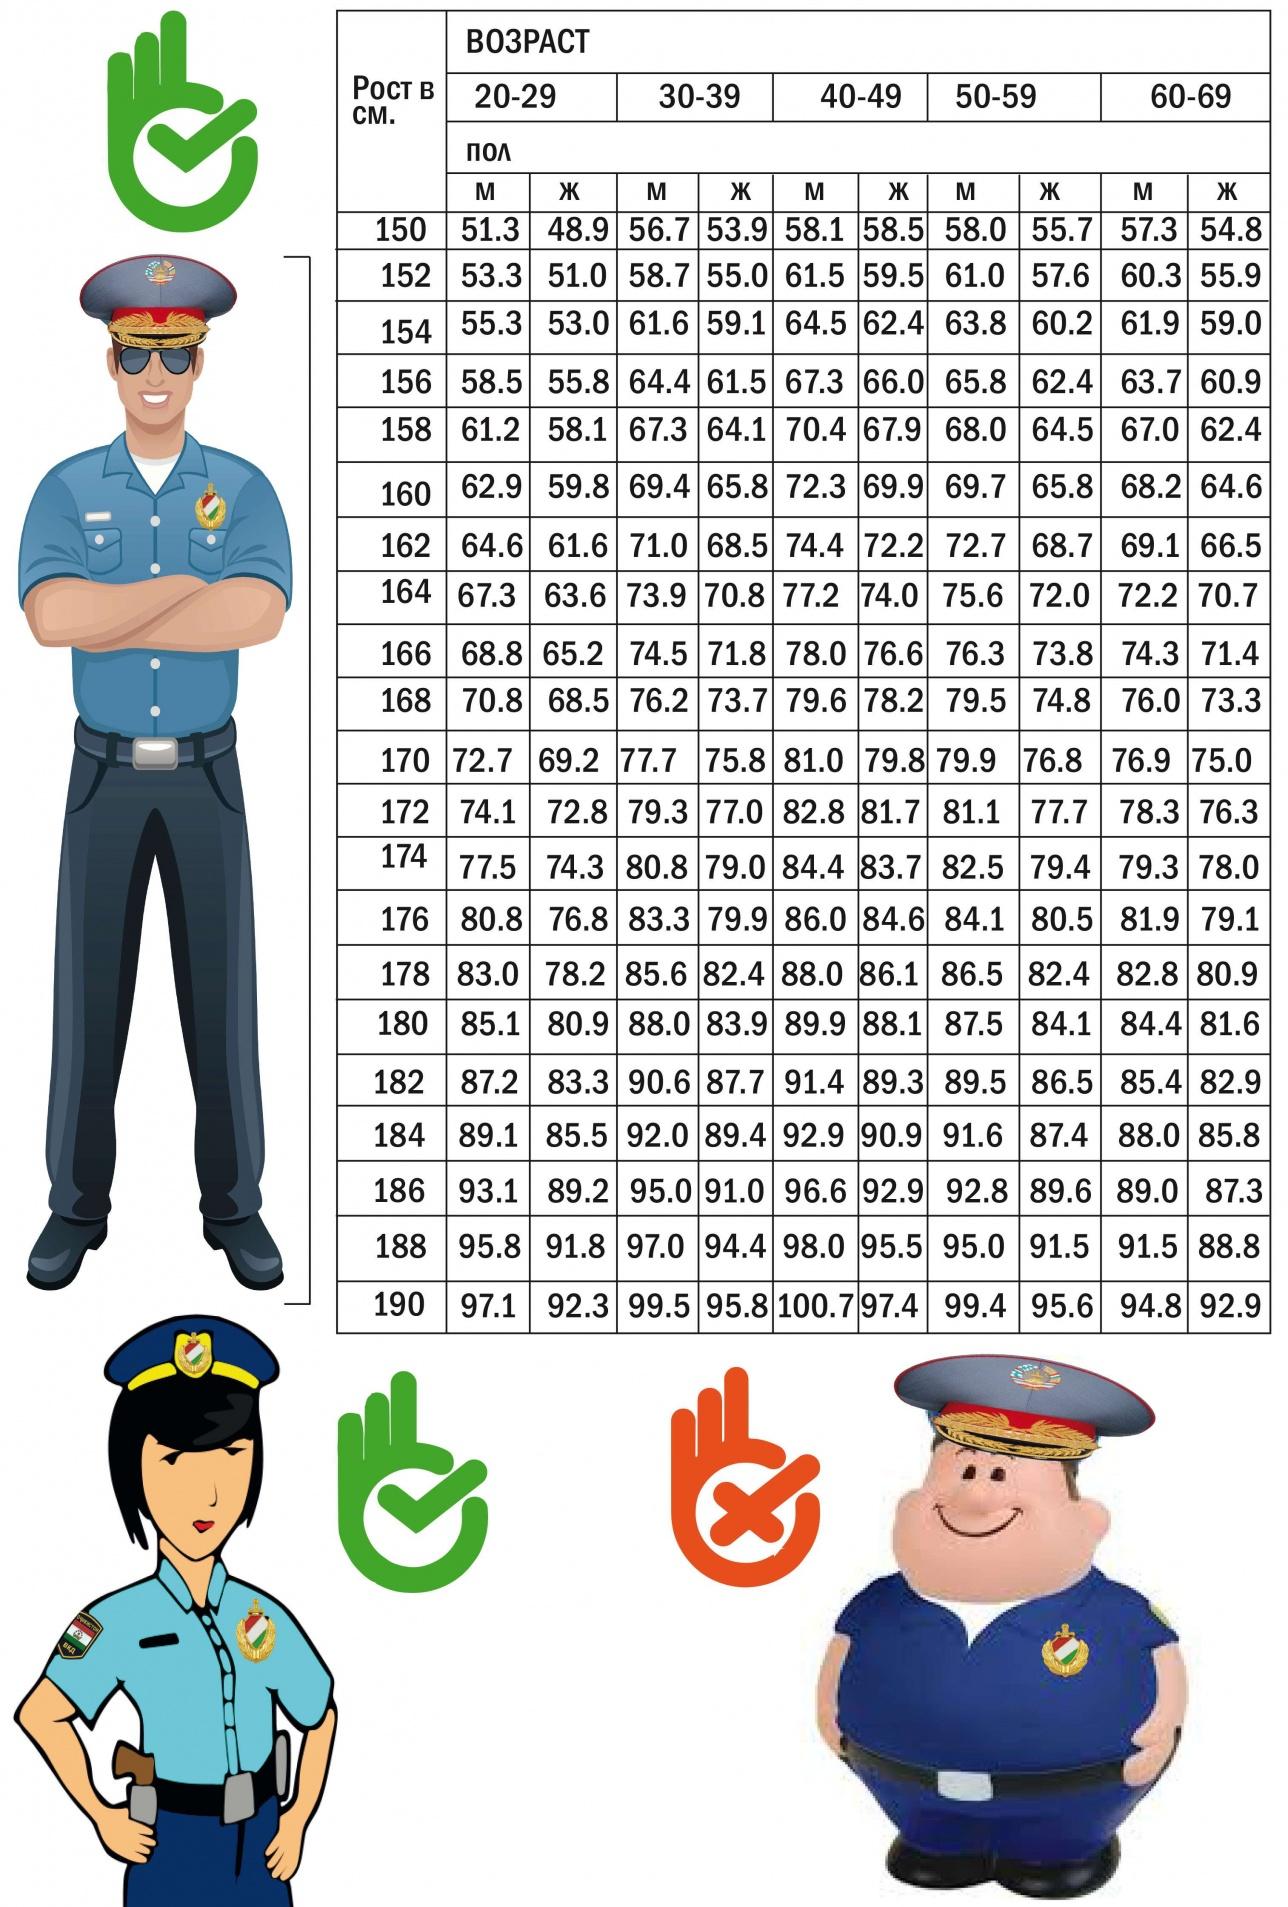 Таблица оптимального веса, которой руководствуются в МВД Таджикистана